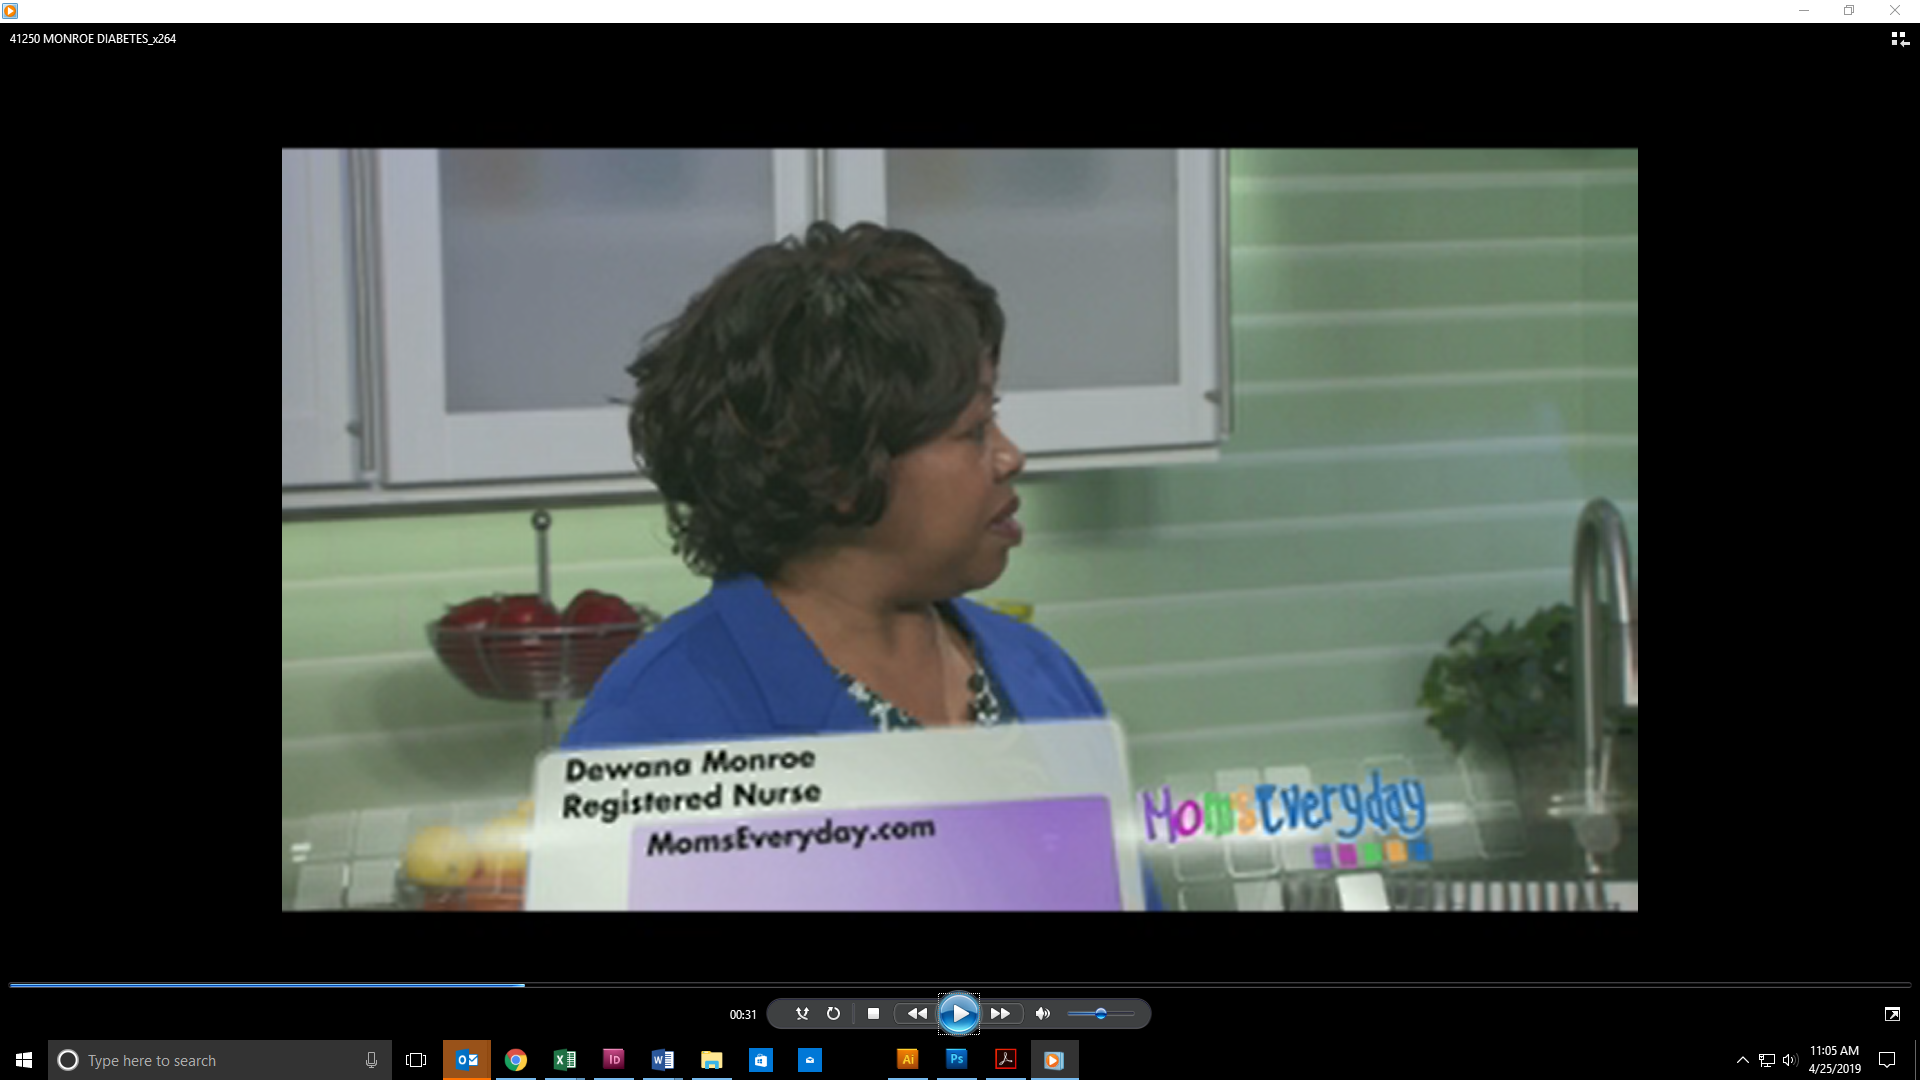 Dewana Monroe, RN featured on WCTV